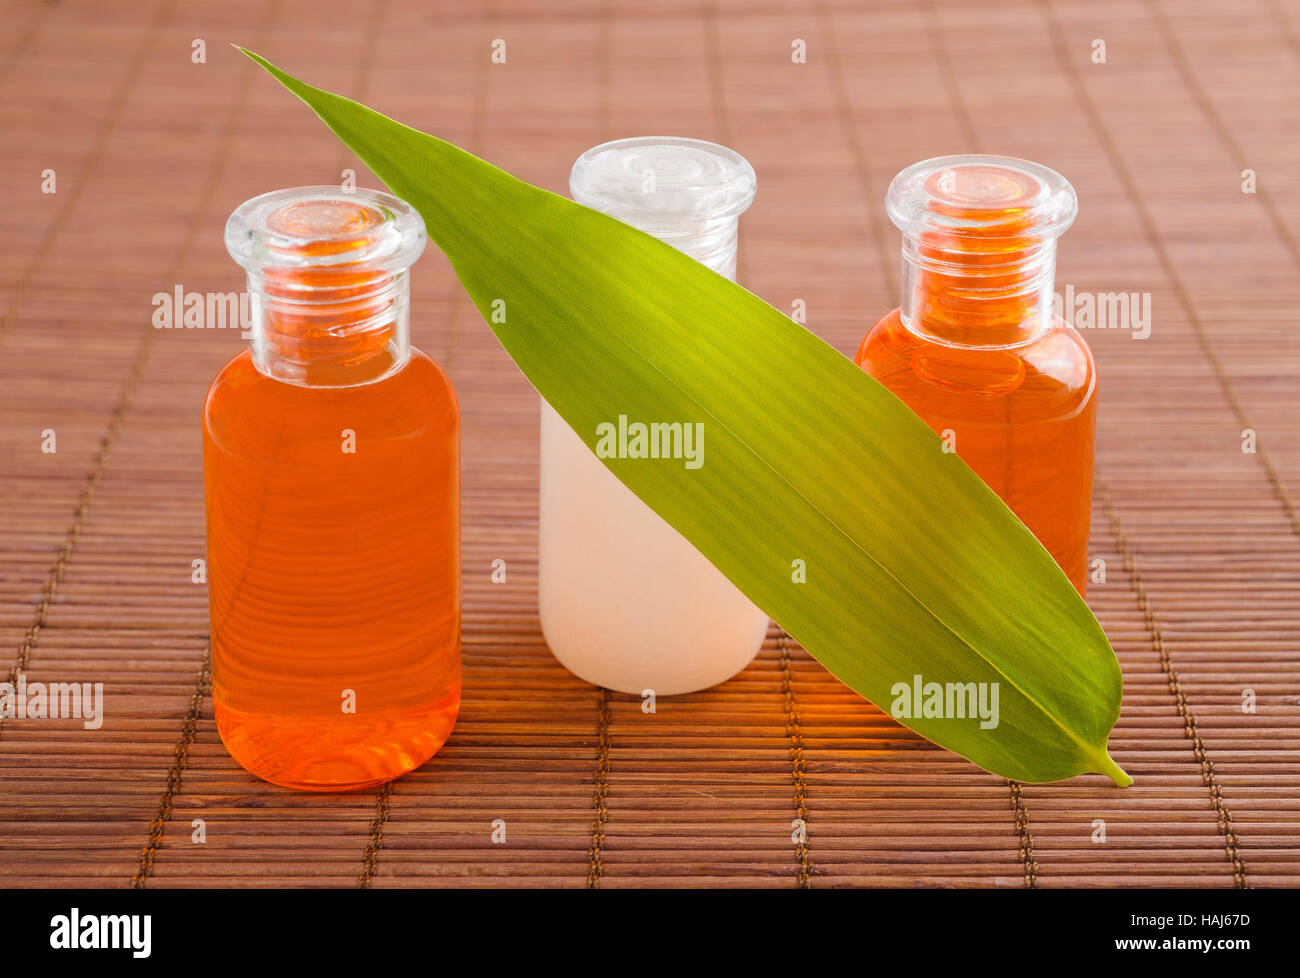 Los productos de bienestar de botellas con hojas de bambú Imagen De Stock